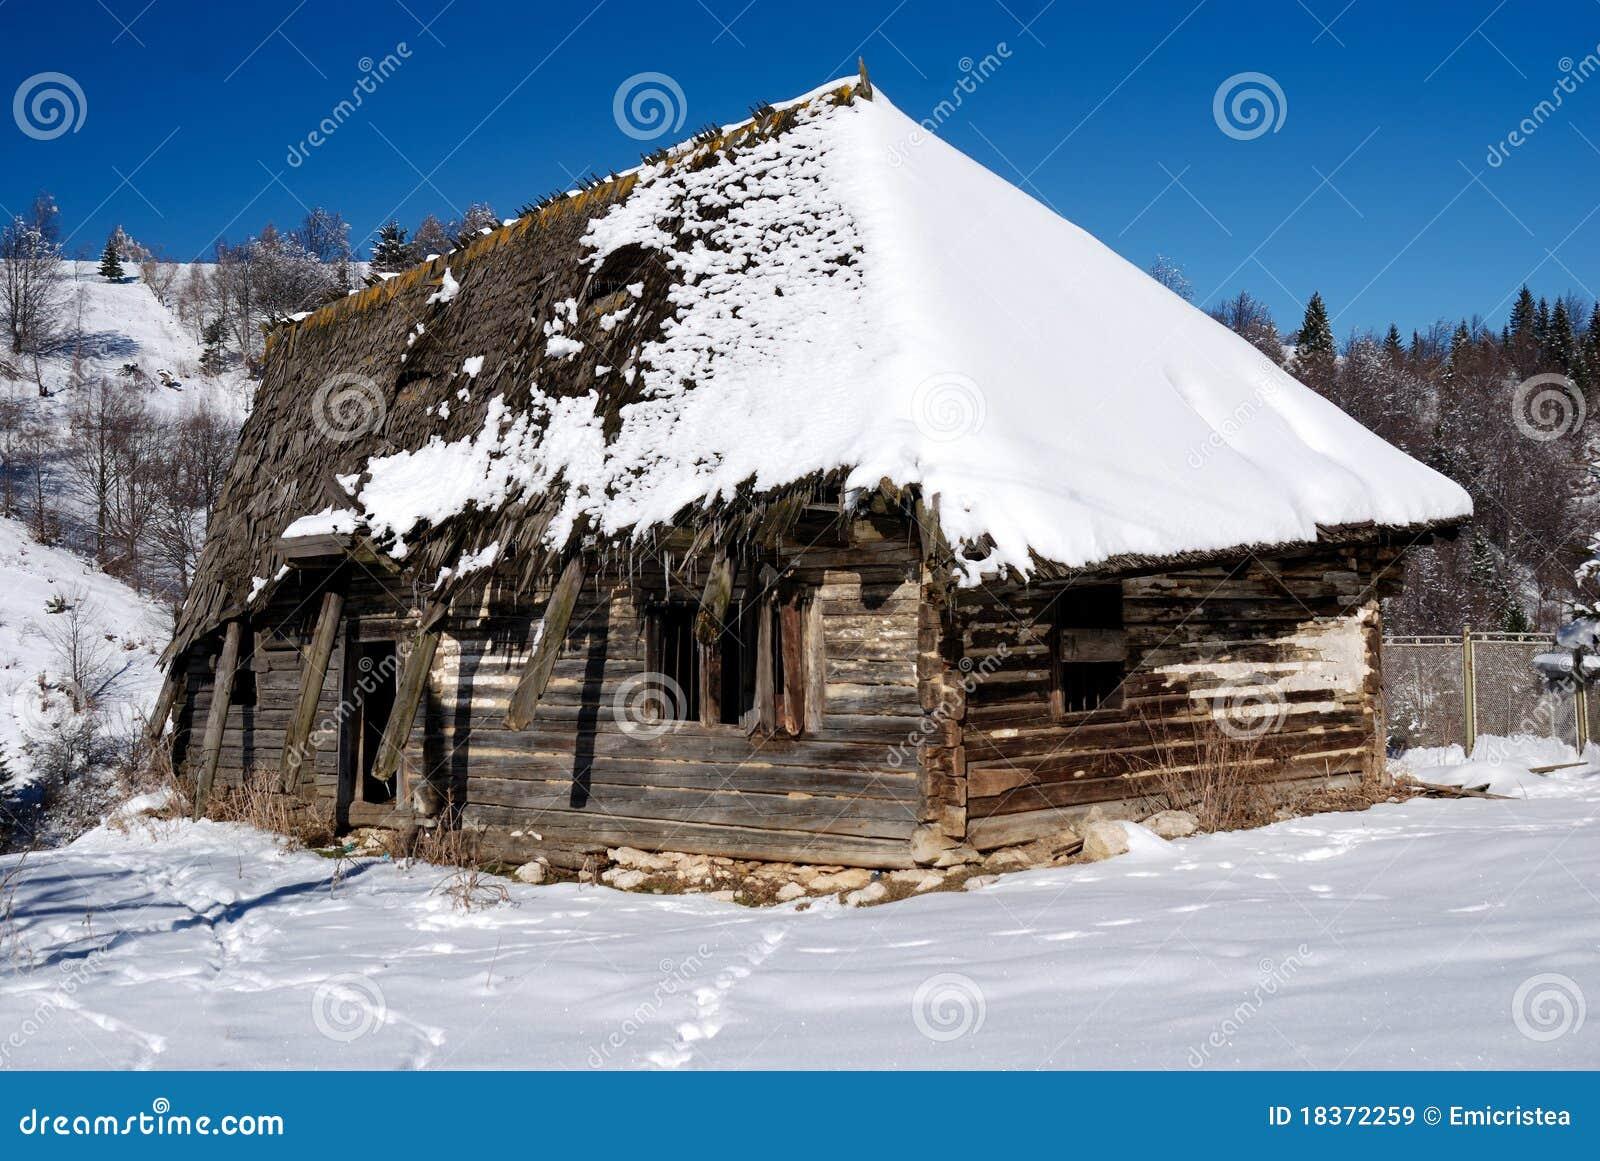 Vecchia casa rustica di legno romania immagine stock for Case di legno romania